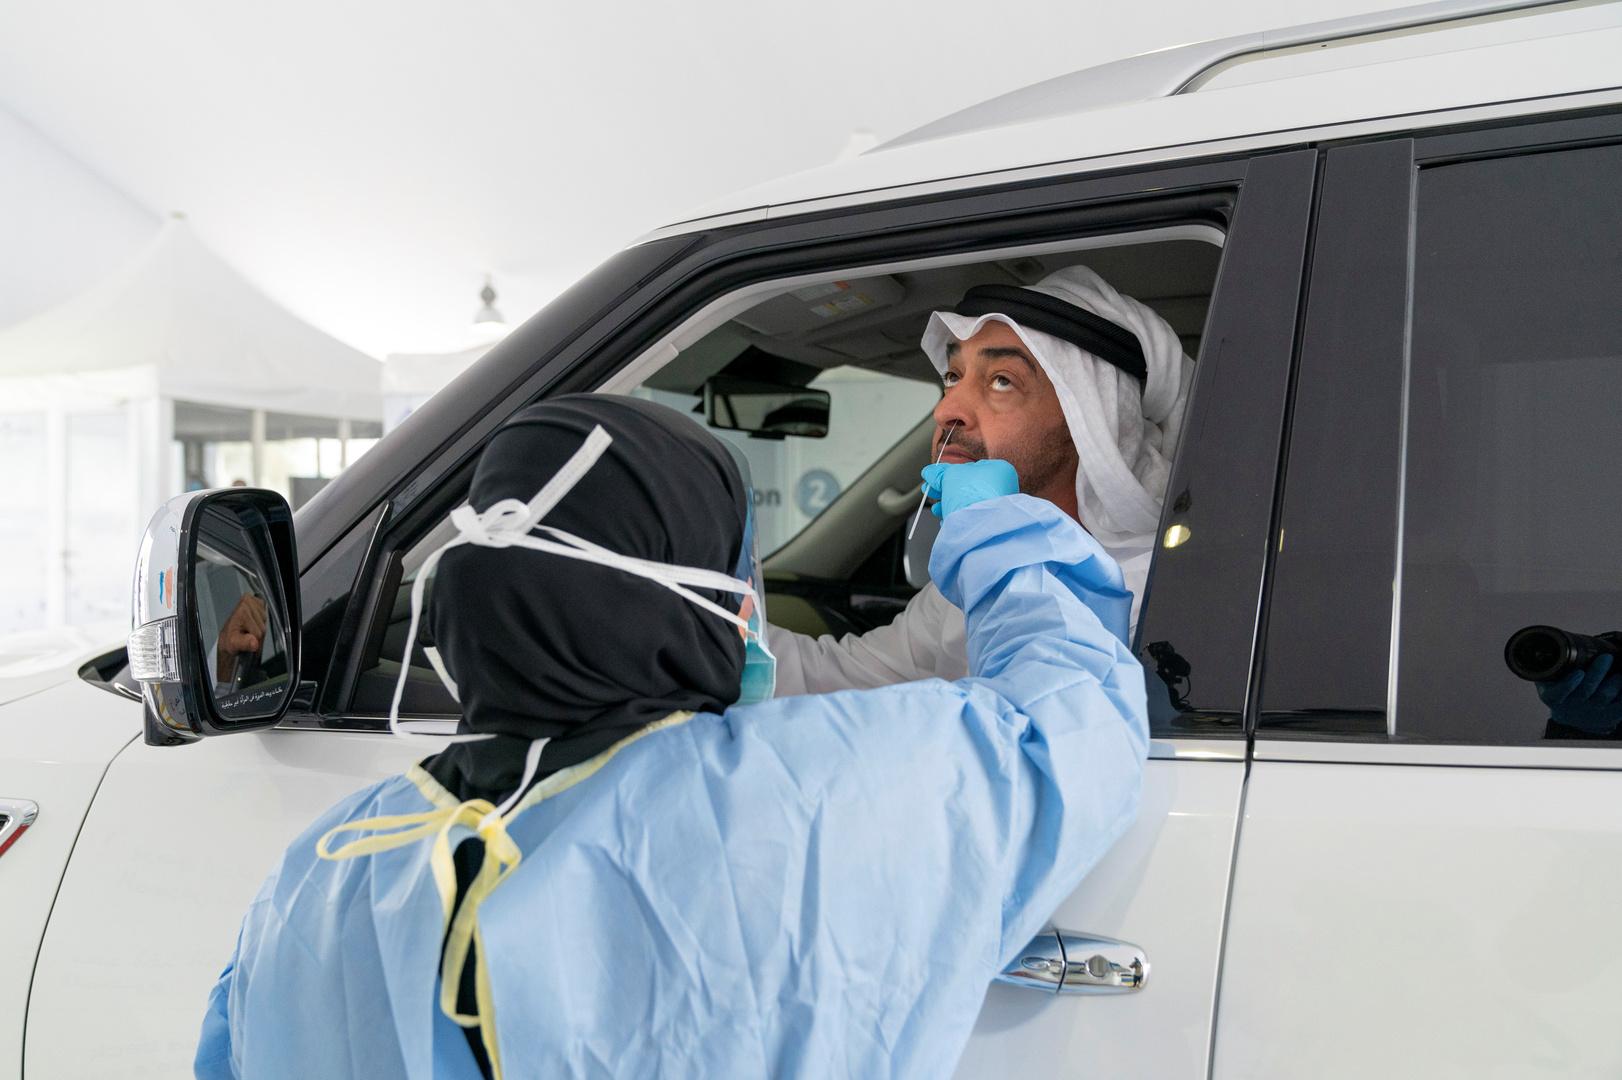 أبو ظبي تباشر البرنامج التطوعي للمرحلة الـ 3 من التجارب السريرية على لقاح كورونا الروسي